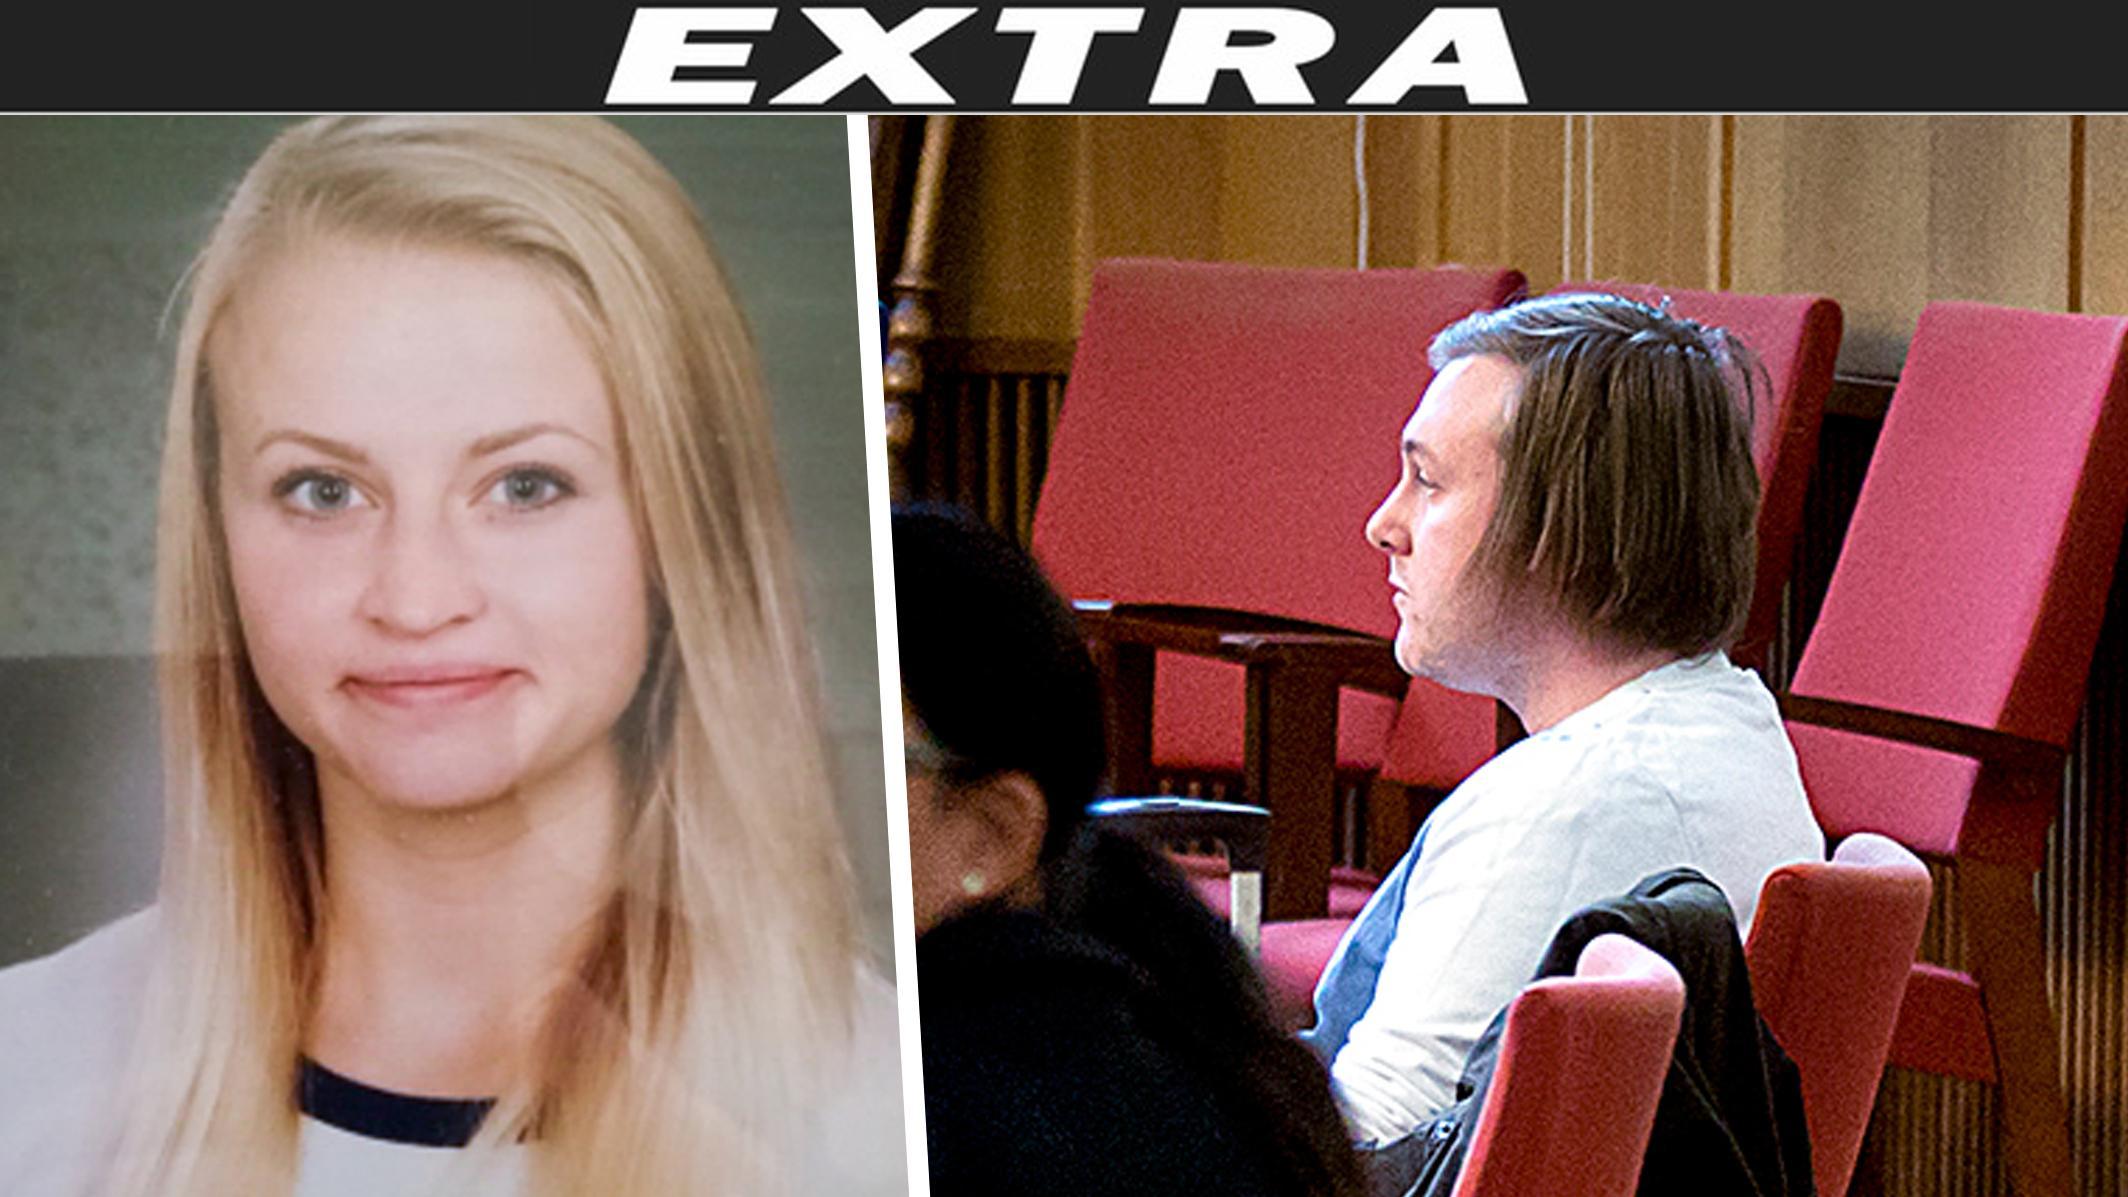 47 aring domd till livstid for mord